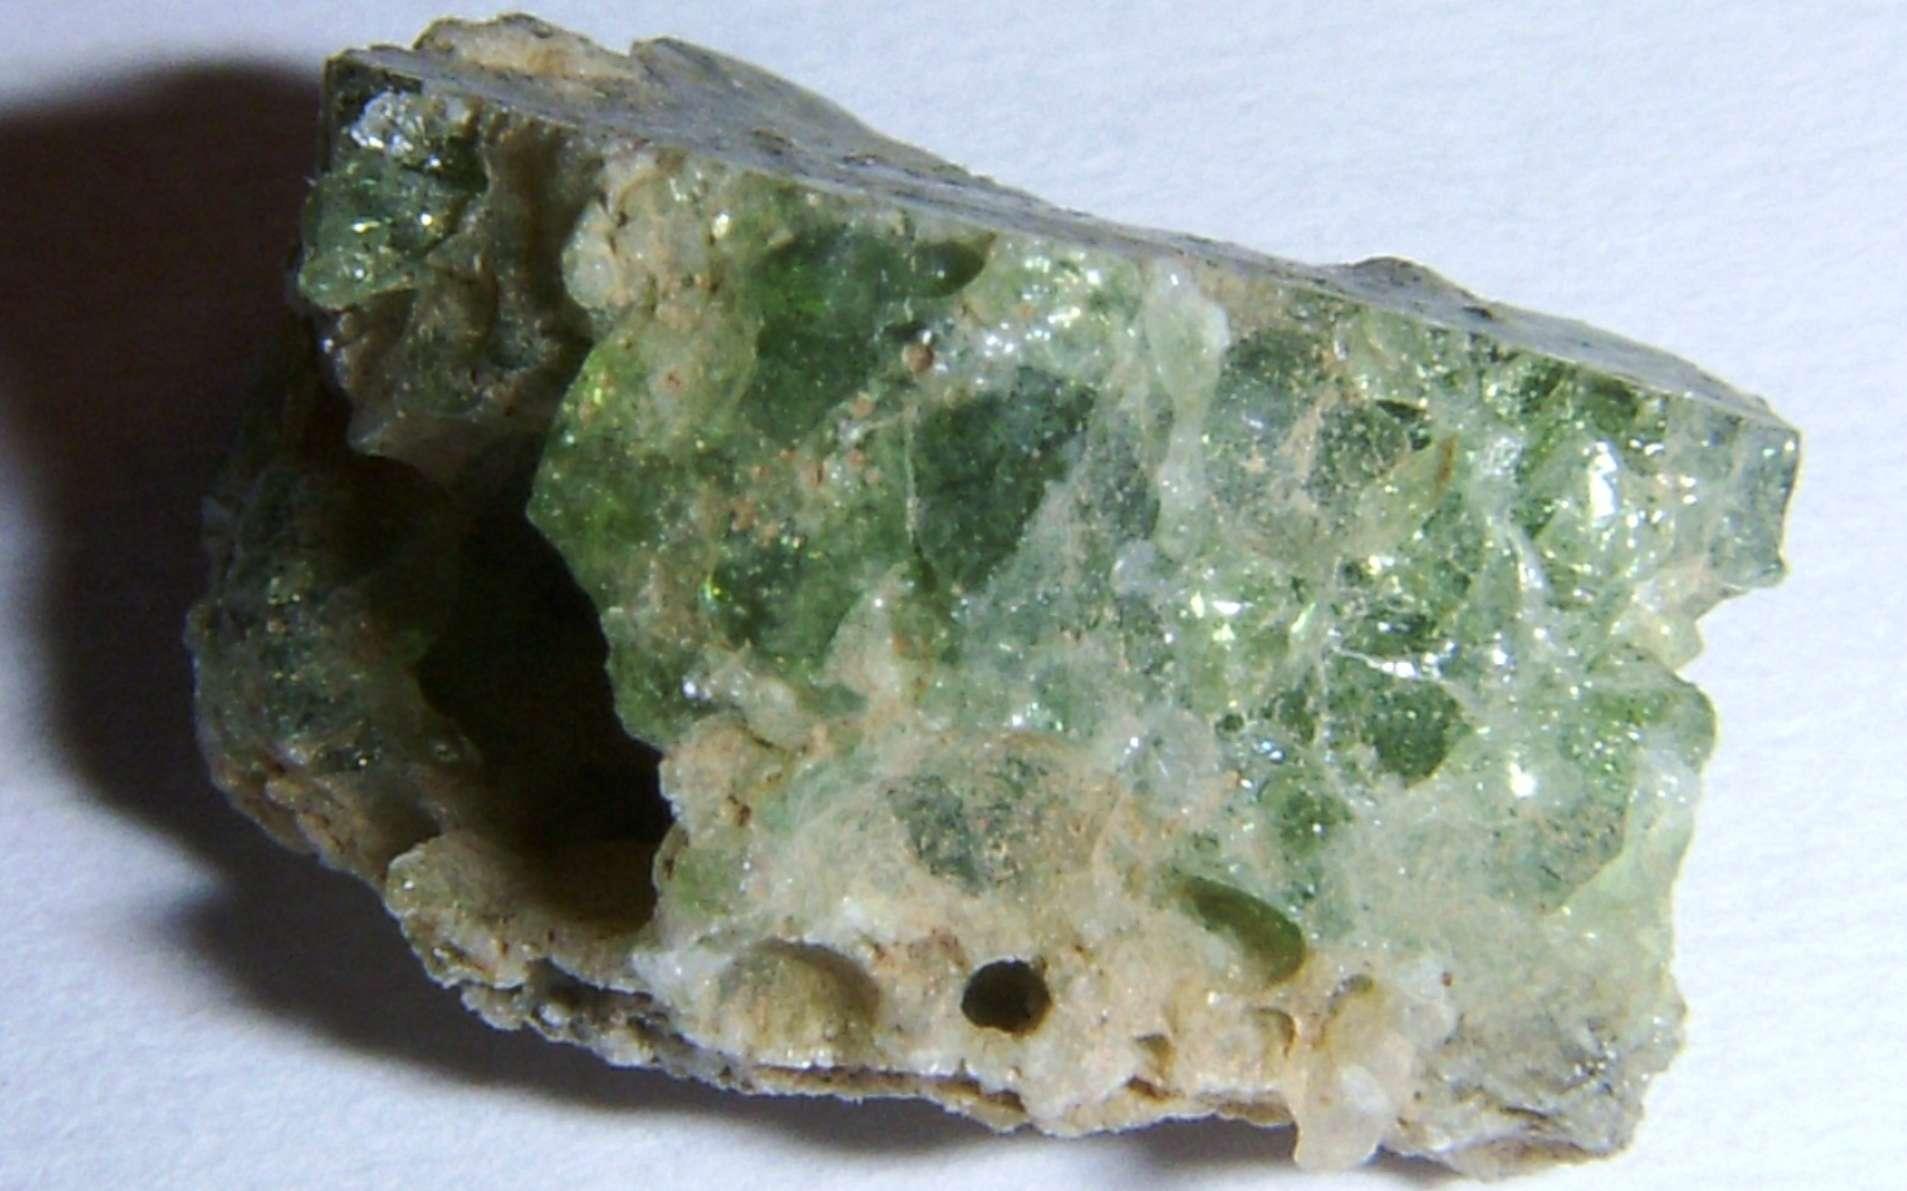 Un échantillon de Trinitite, le verre silicaté produit par la première explosion nucléaire en 1945. © Shaddack, Wikipédia, cc by sa 3.0